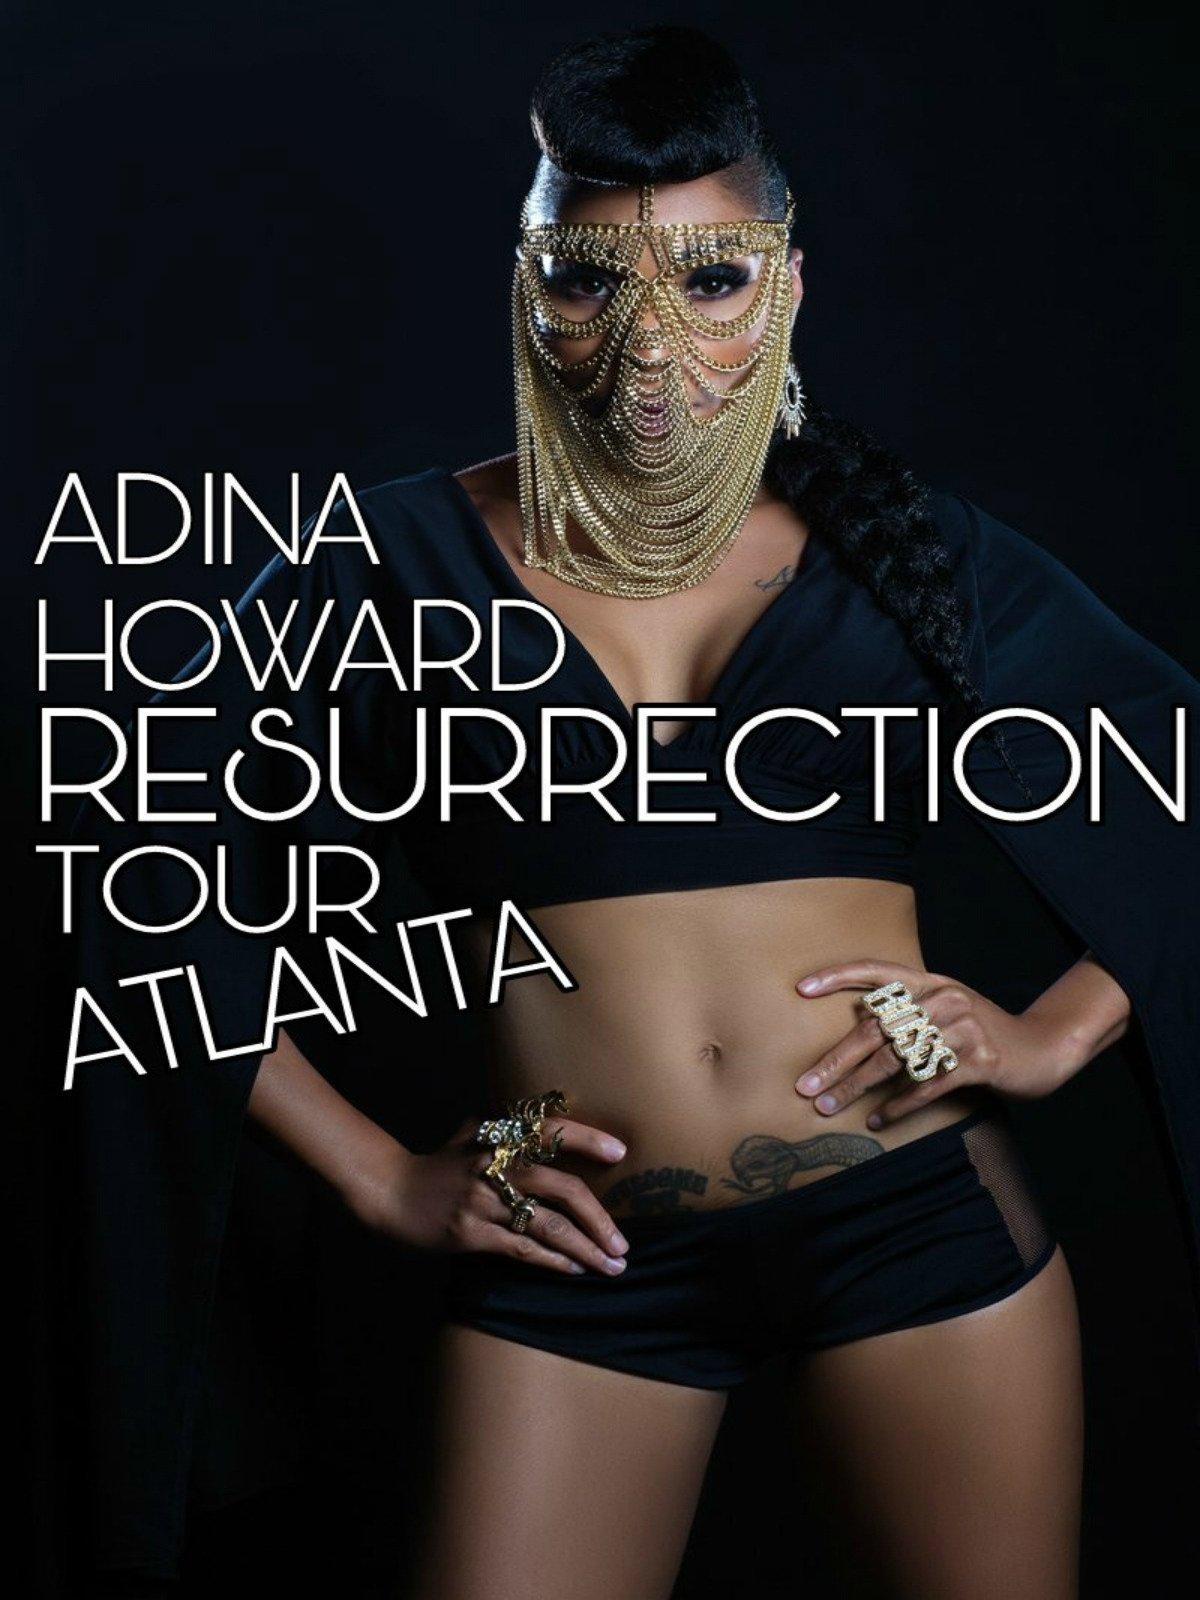 Adina Howard Resurrection Tour Atlanta